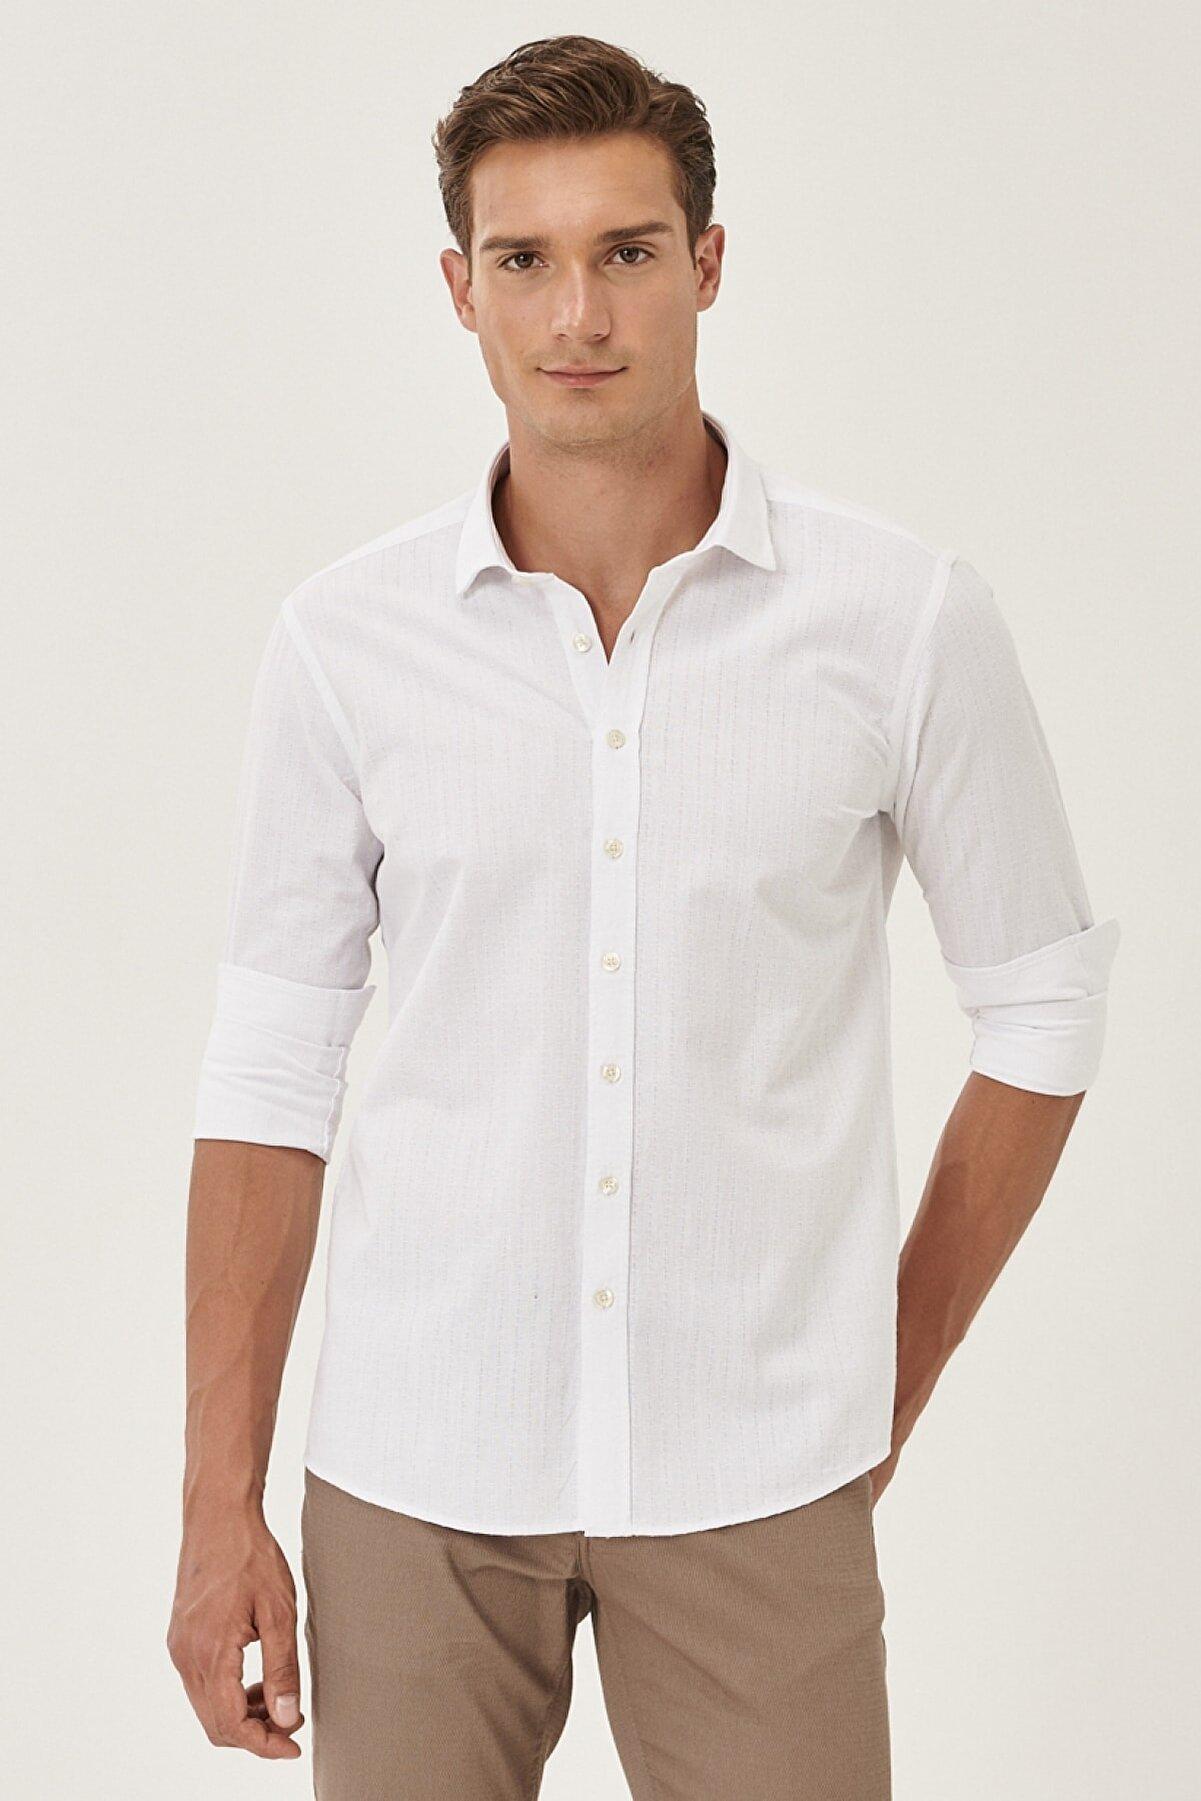 Altınyıldız Classics Erkek Beyaz Tailored Slim Fit Klasik Gömlek Yaka %100 Koton Gömlek